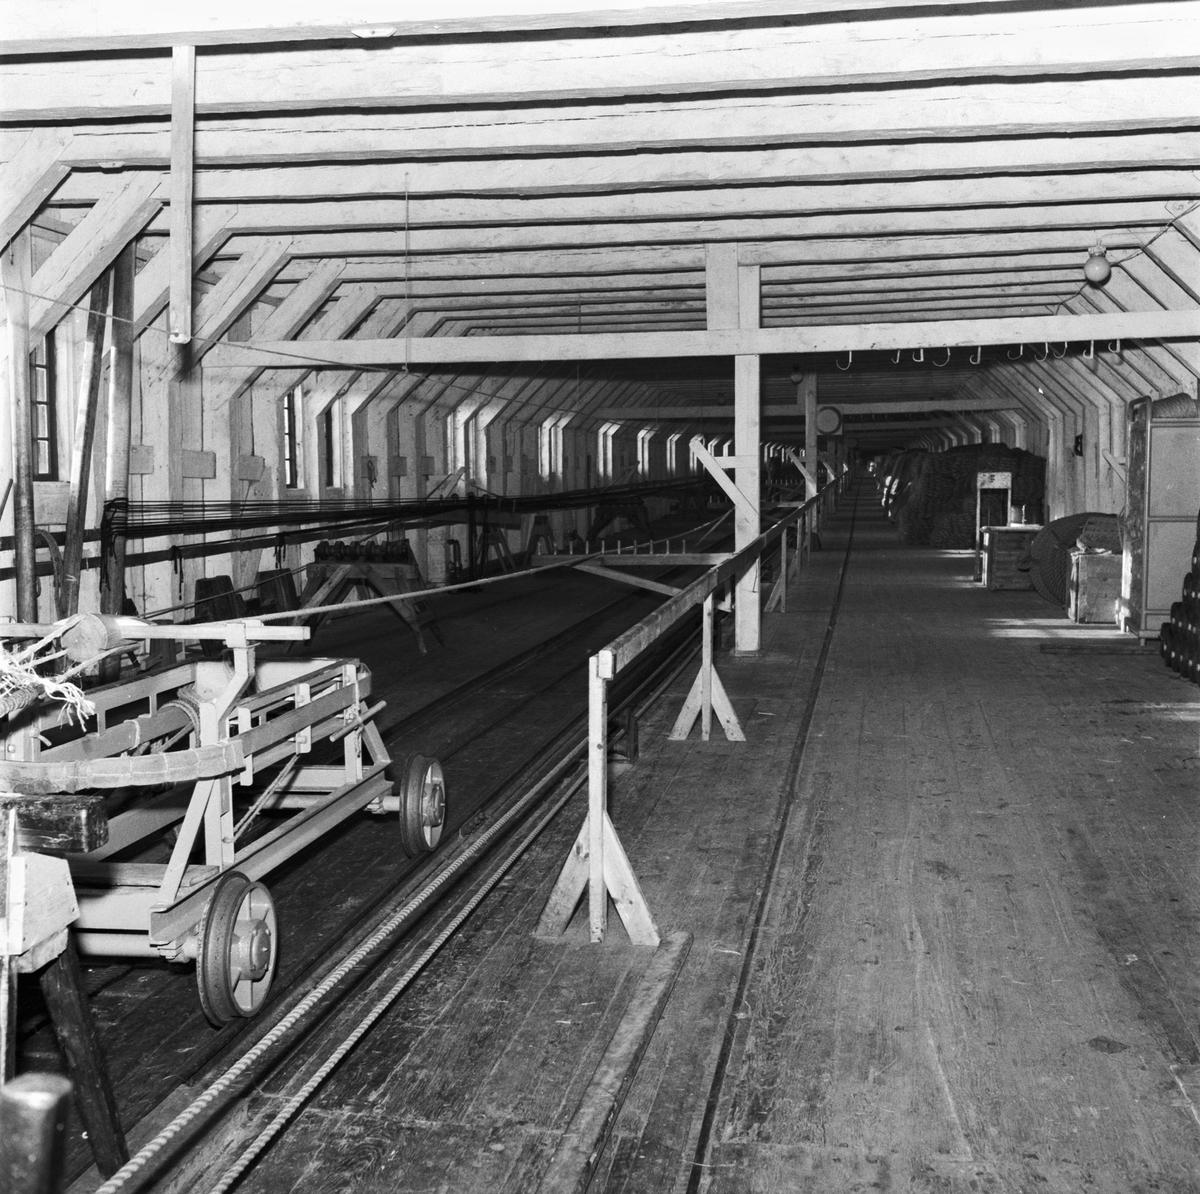 Övrigt: Foto datum: 31/10 1957 Byggnader och kranar Repslagarebanan interiör. Närmast identisk bild: V14203 och V14204, ej skannade